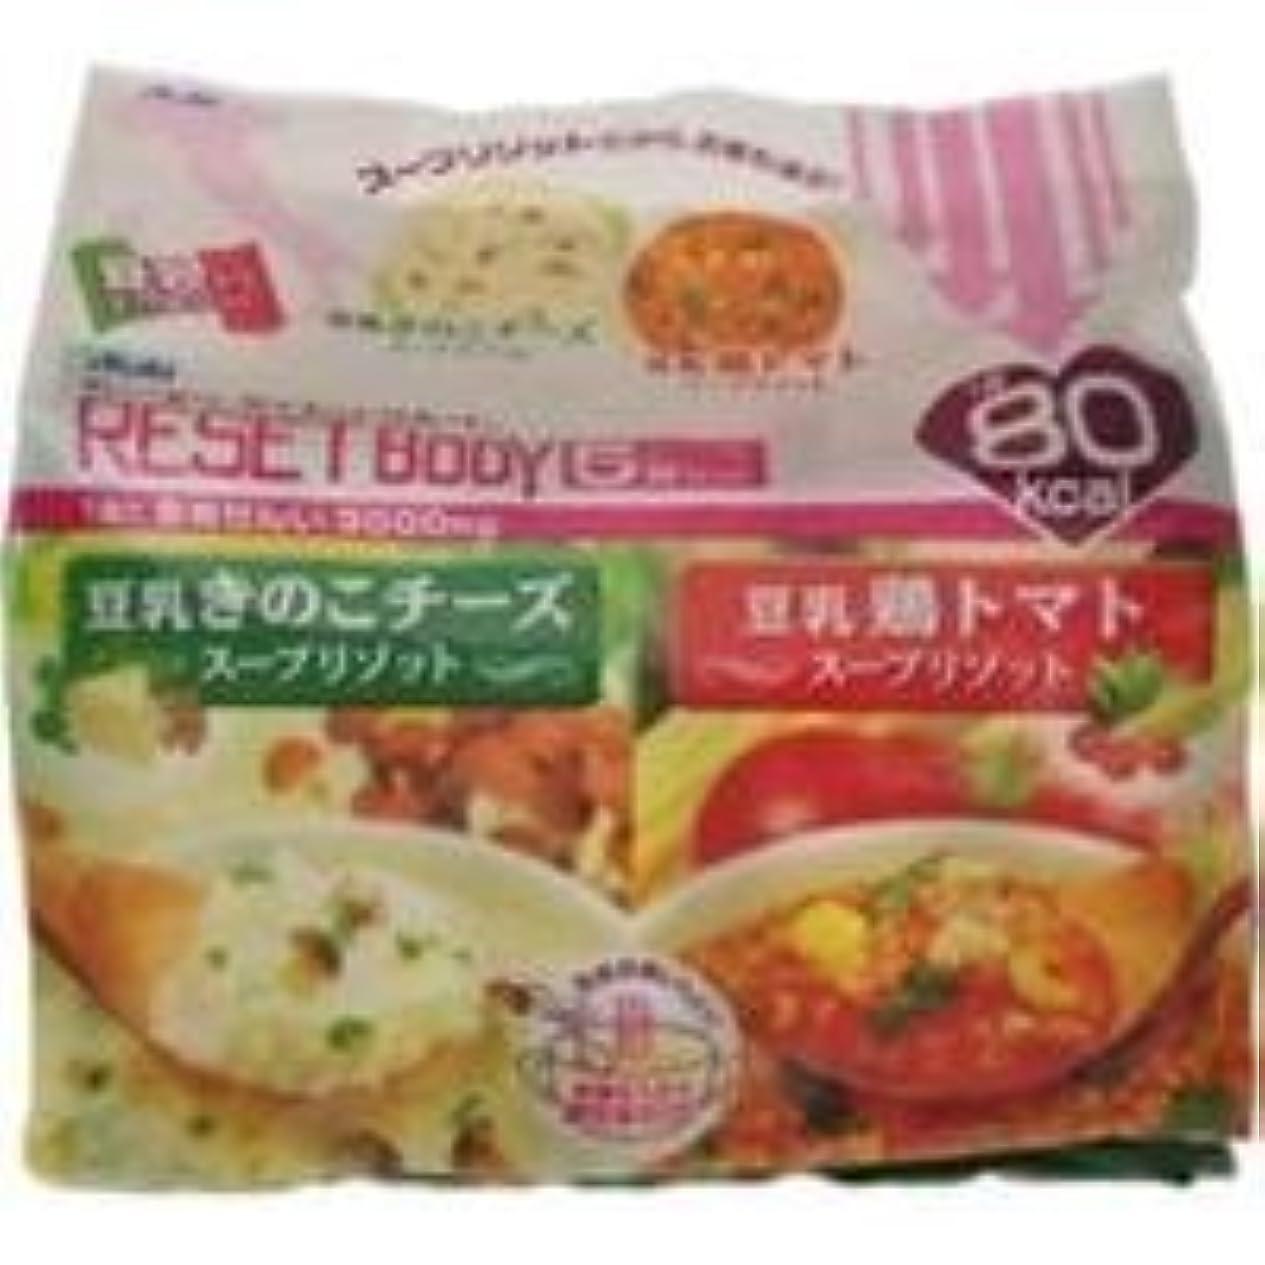 ボタン繕う現れるリセットボディ リセットボディ 豆乳きのこチーズ&鶏トマトスープリゾット 5食 きのこ3食+???2食 1袋